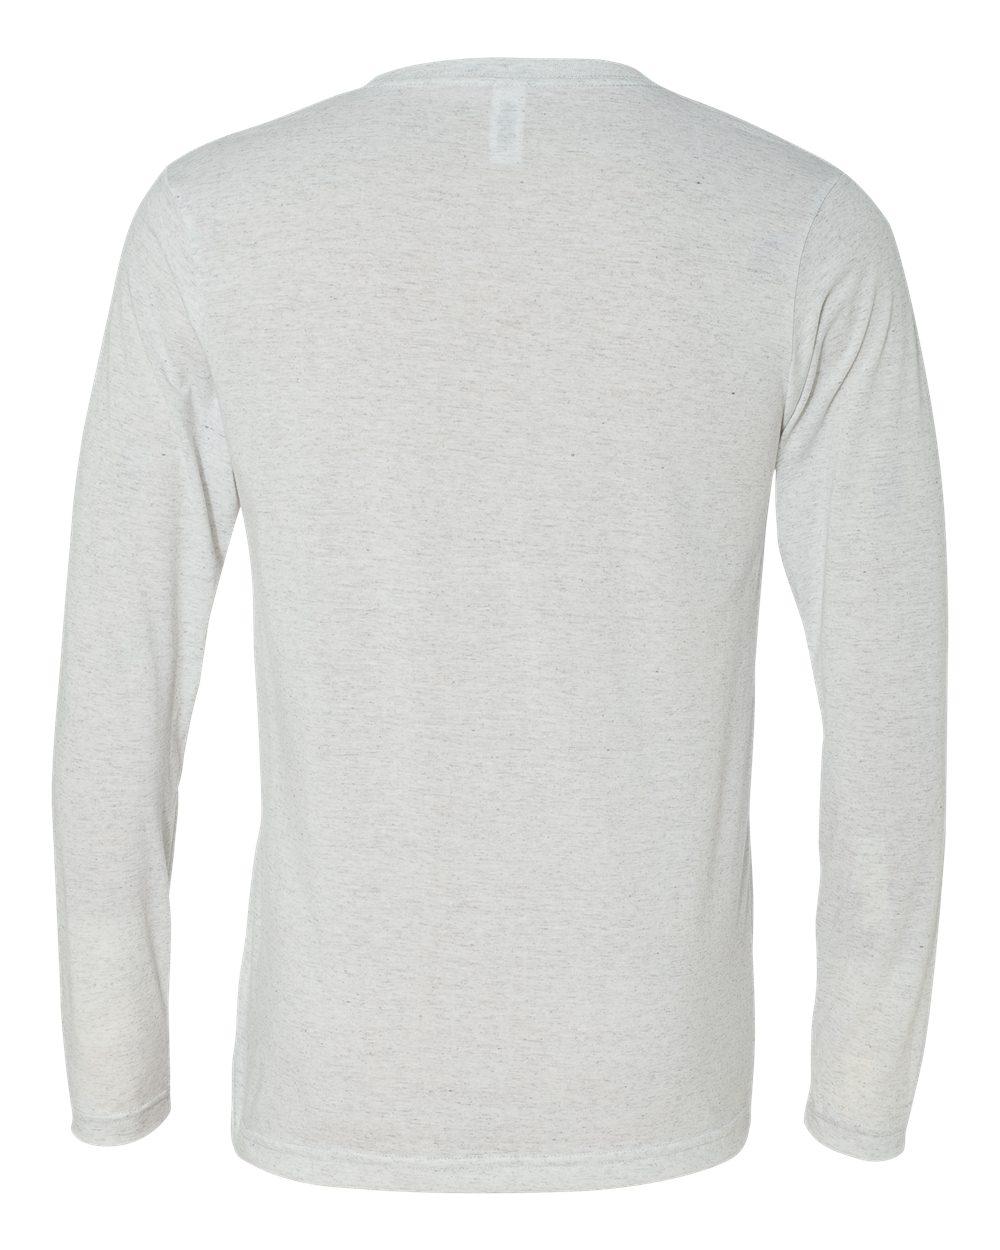 Bella-Canvas-Unisex-Jersey-Long-Sleeve-V-Neck-T-Shirt-3425-XS-2XL thumbnail 13